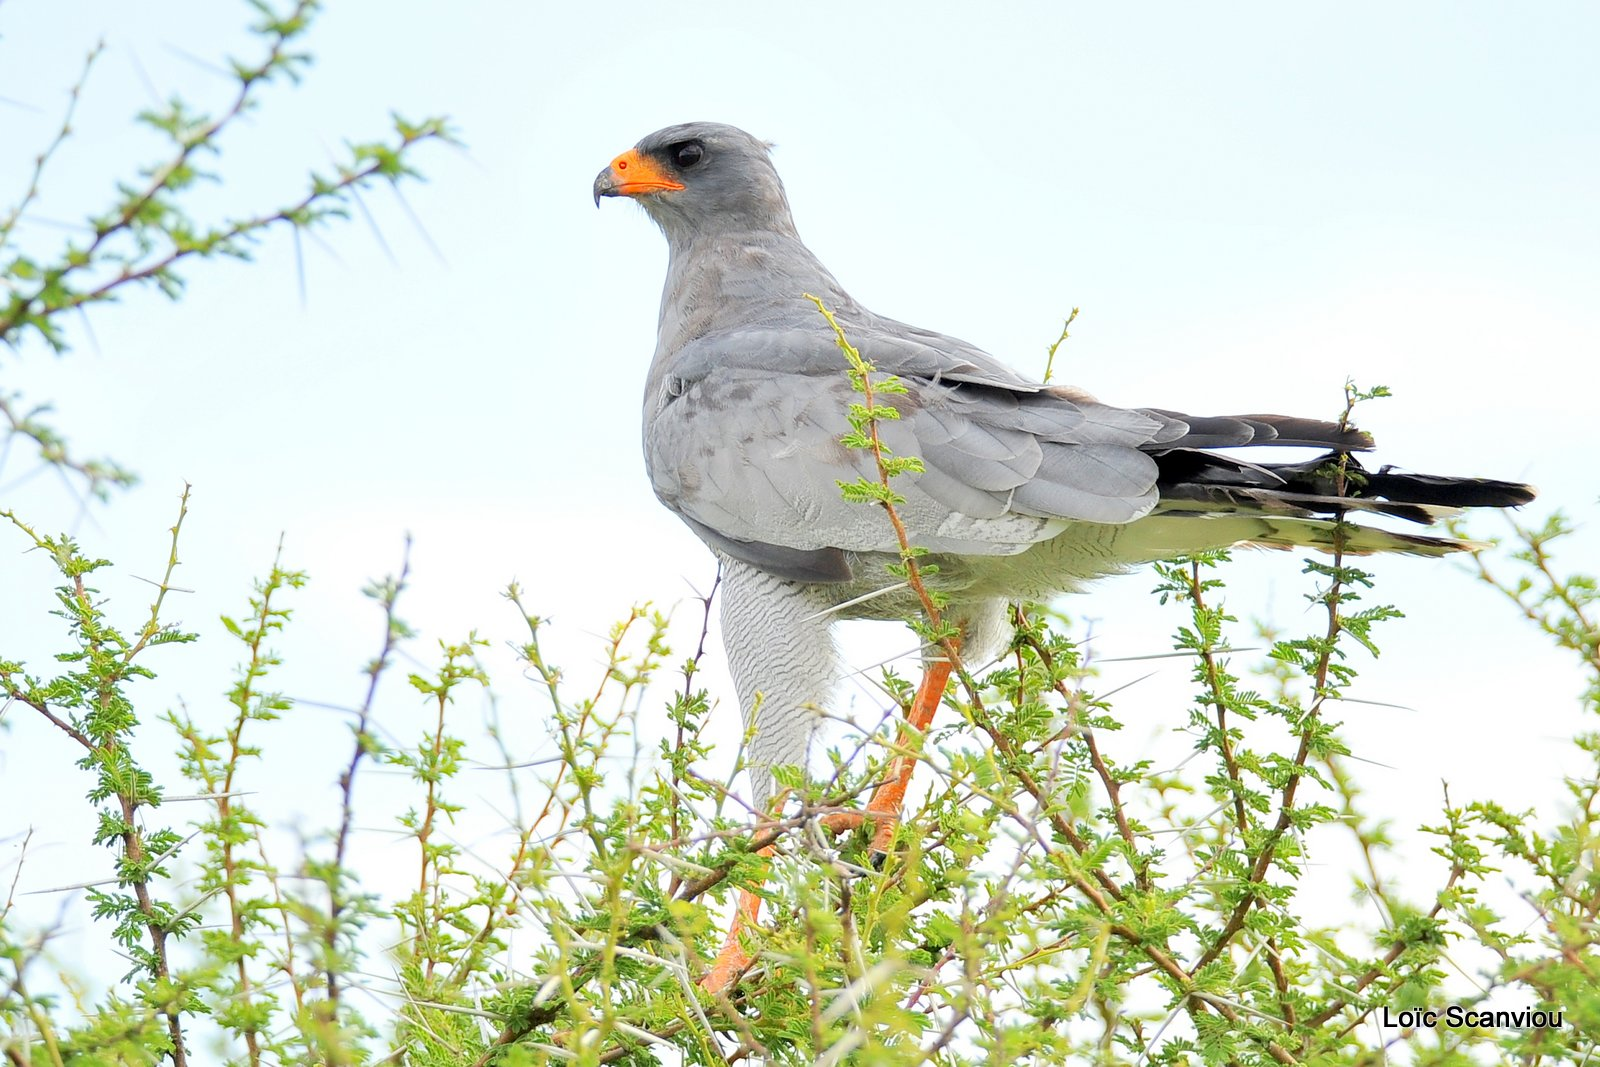 Autour chanteur/Southern Pale Chanting Goshawk (1)